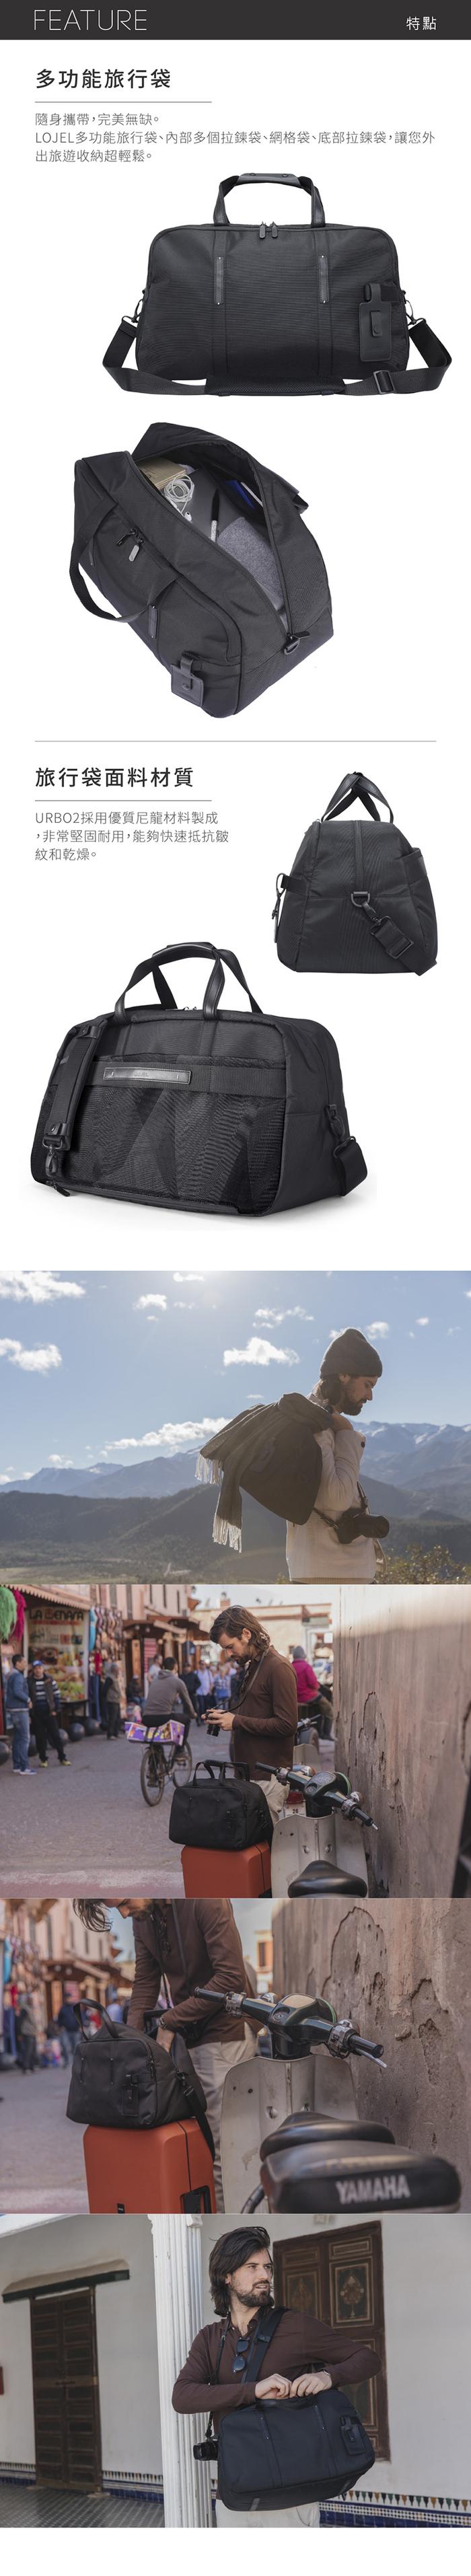 (複製)LOJEL|RUBO2 肩背托特公事包/輕旅行包 ( 經典黑)